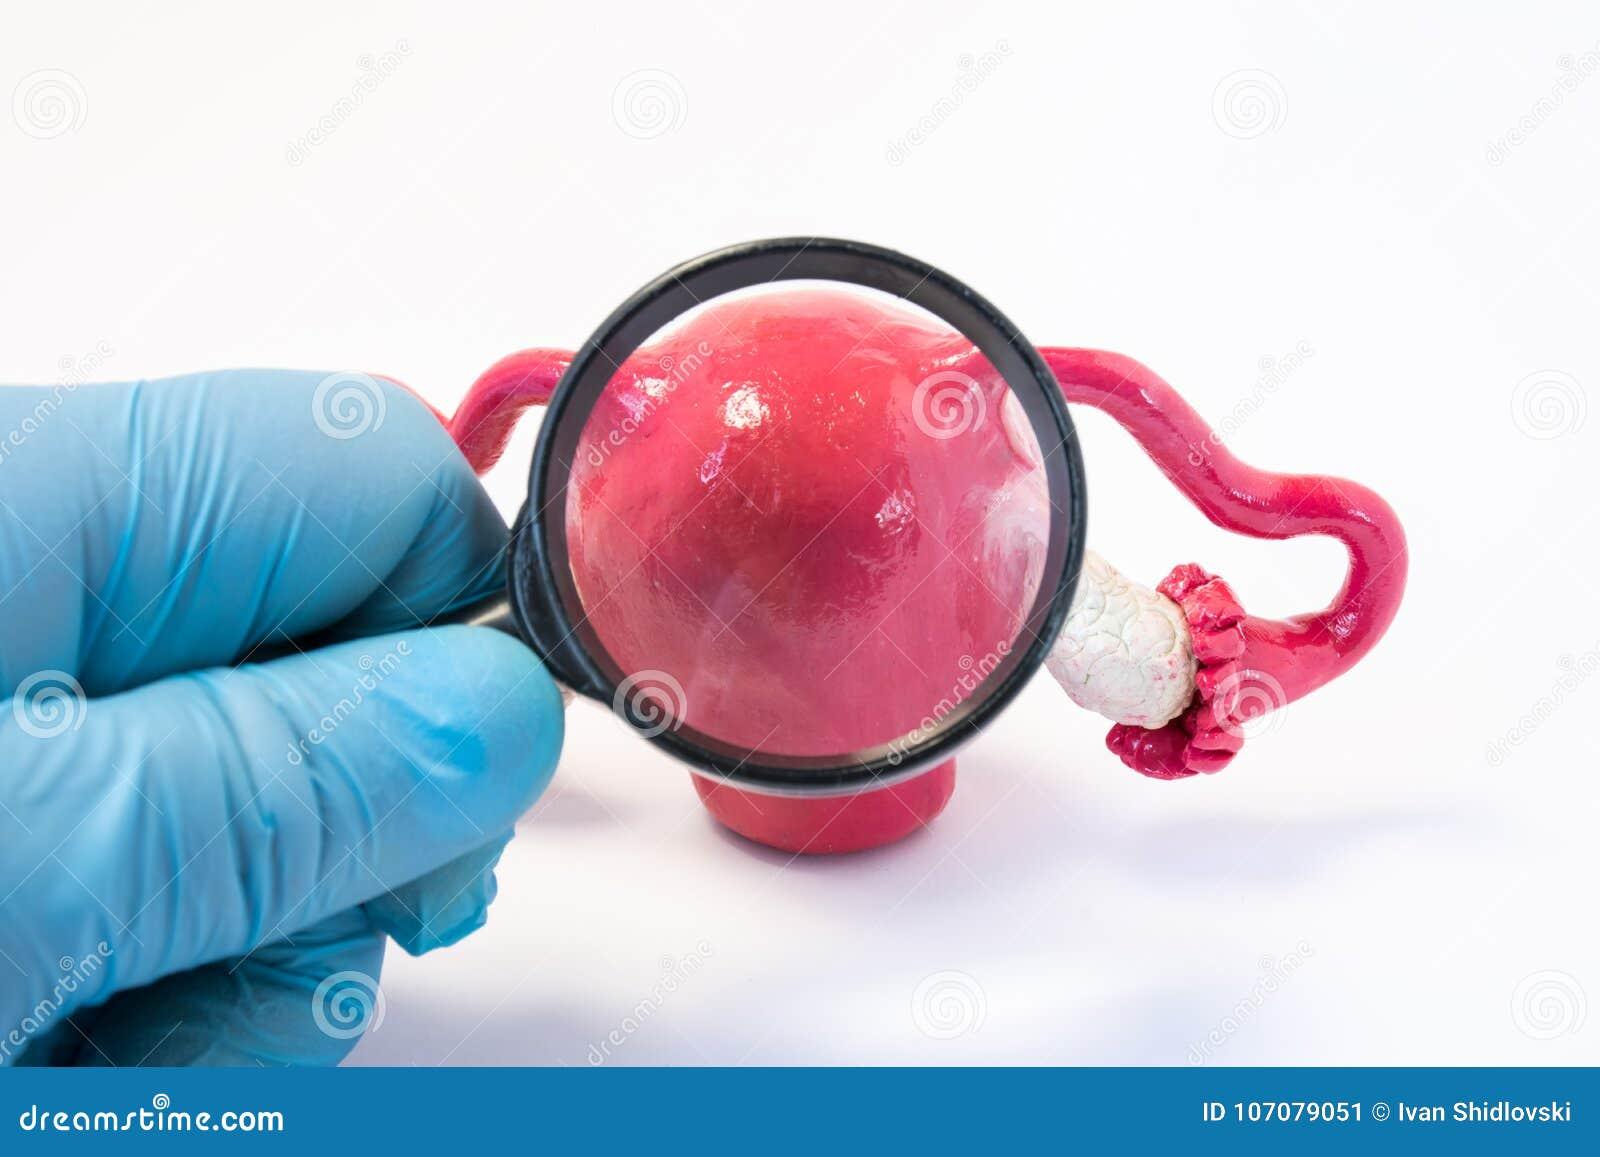 搜寻疾病、子宫或子宫概念照片反常性或者病理学  拿着放大镜的医生和通过它审查